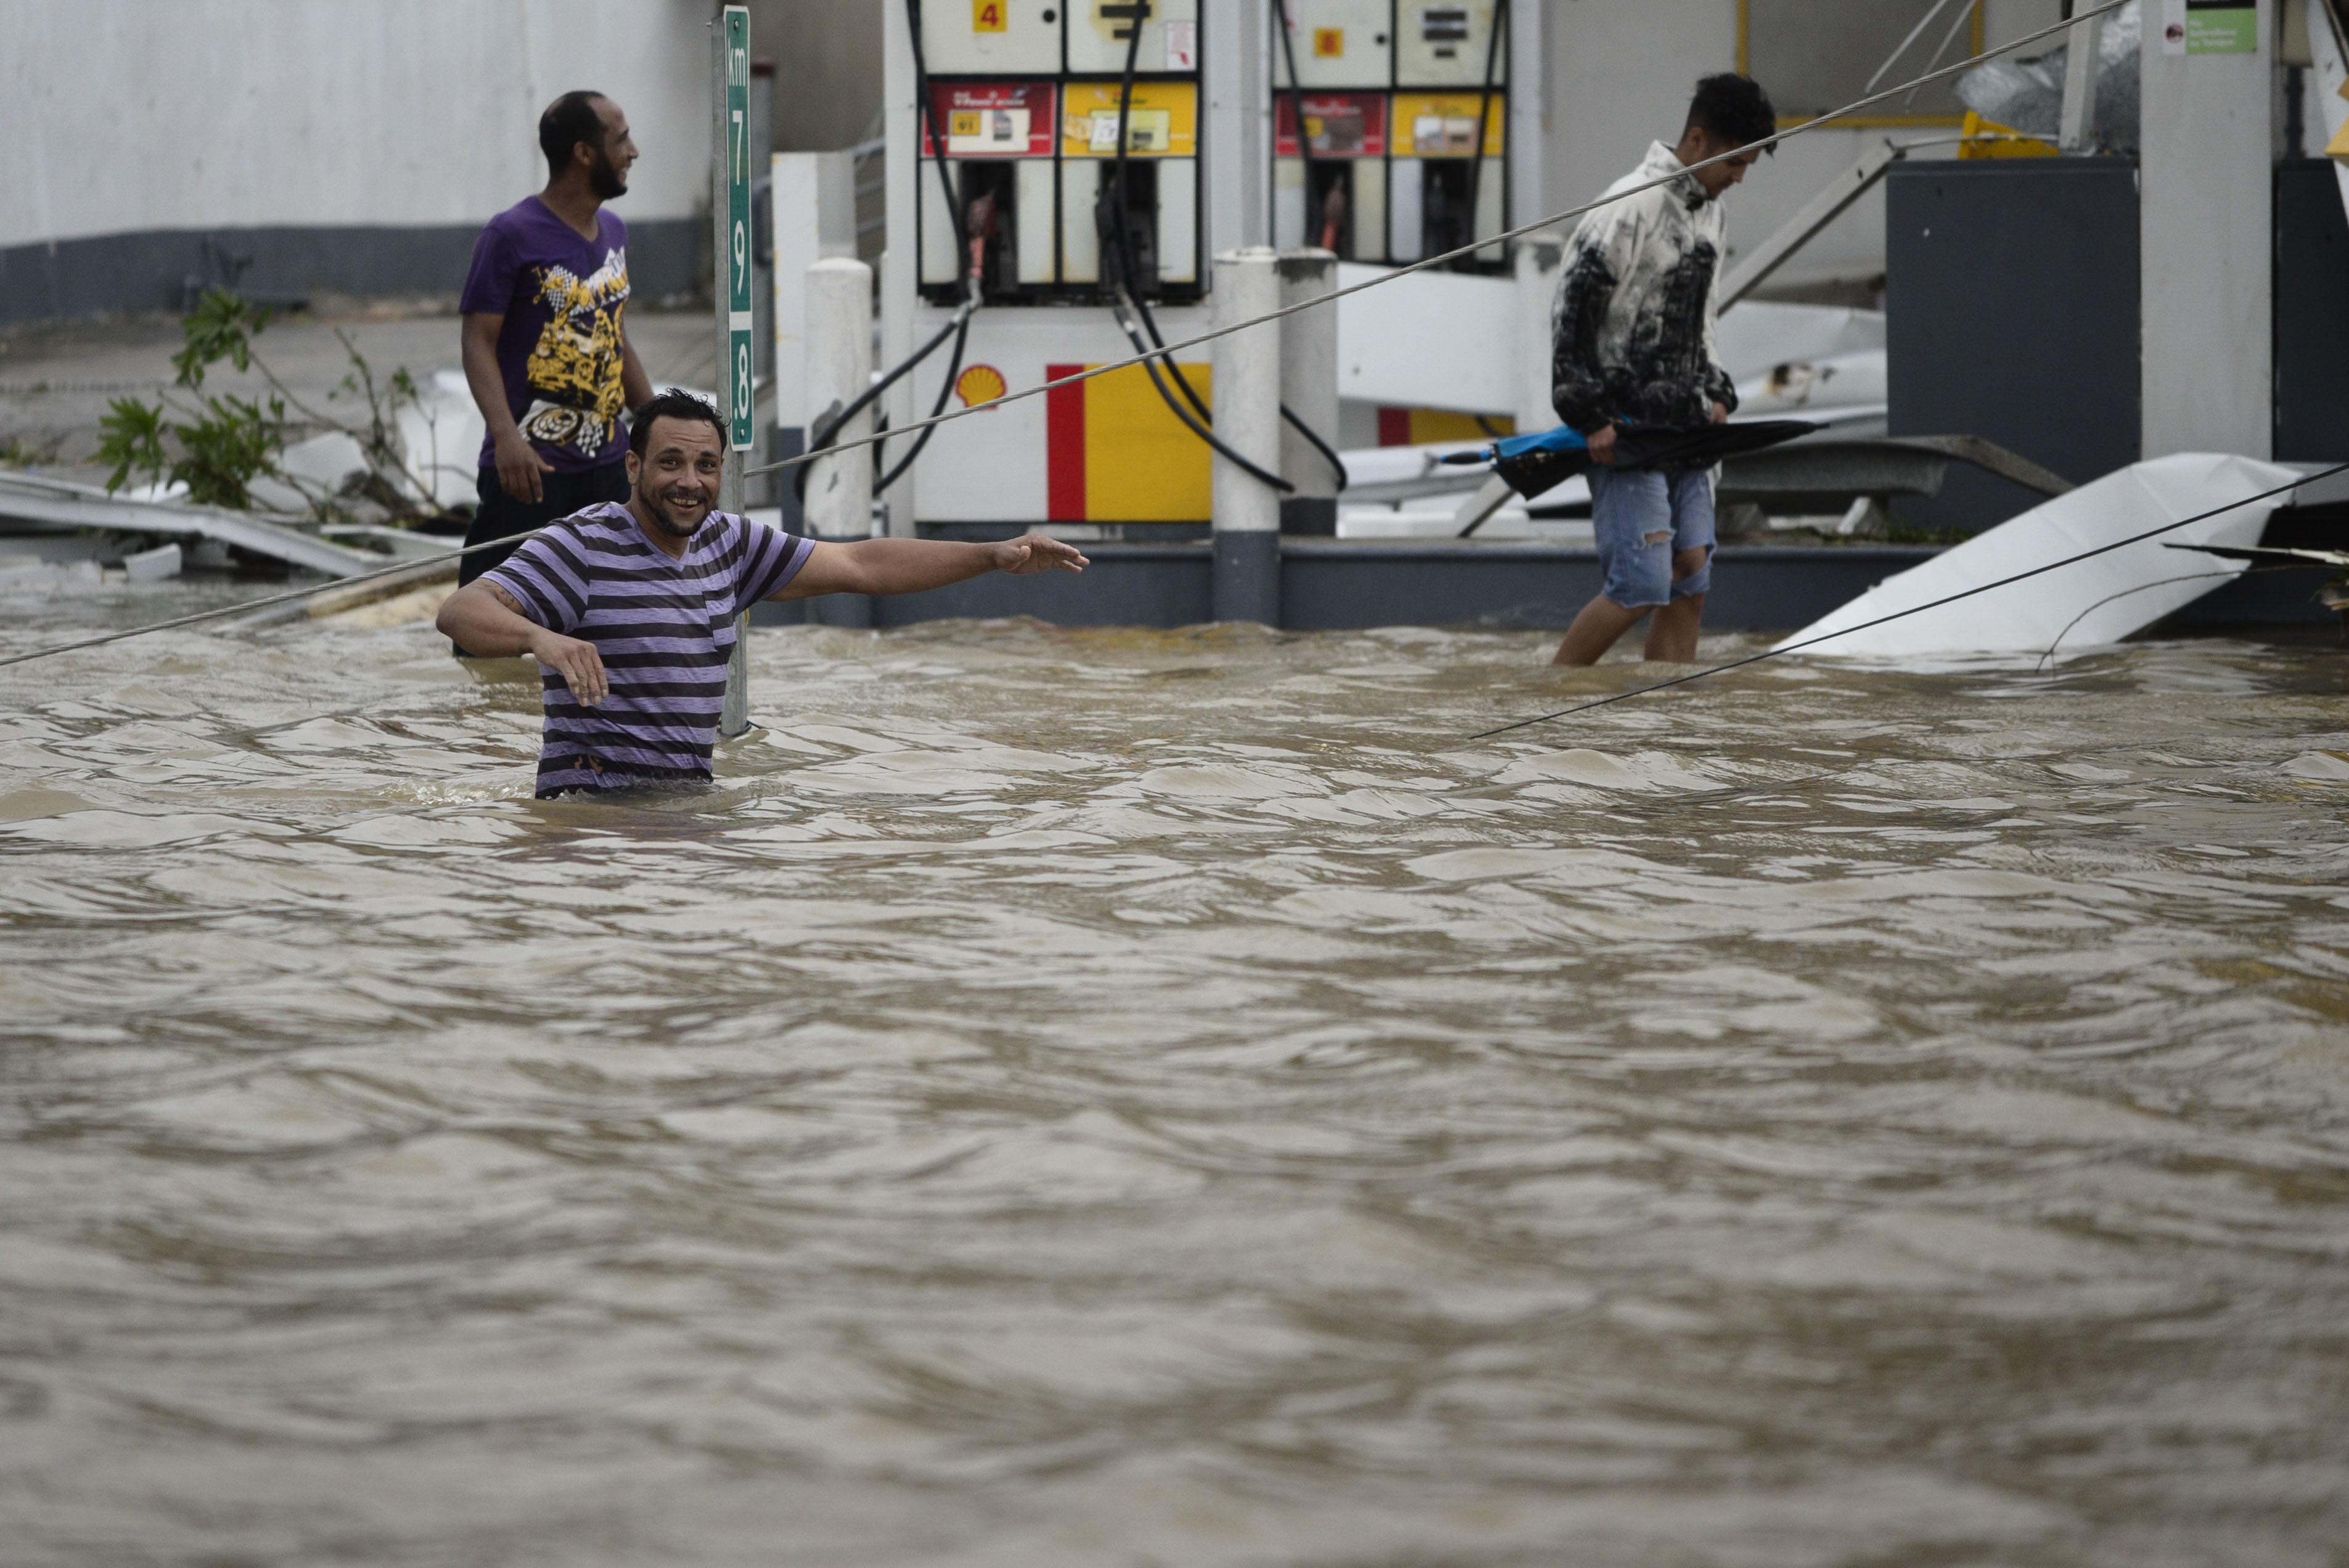 Partes de las isla, como enHumacao quedaron inundadas por el desbordamiento de unos ríos. (AP Photo/Carlos Giusti)